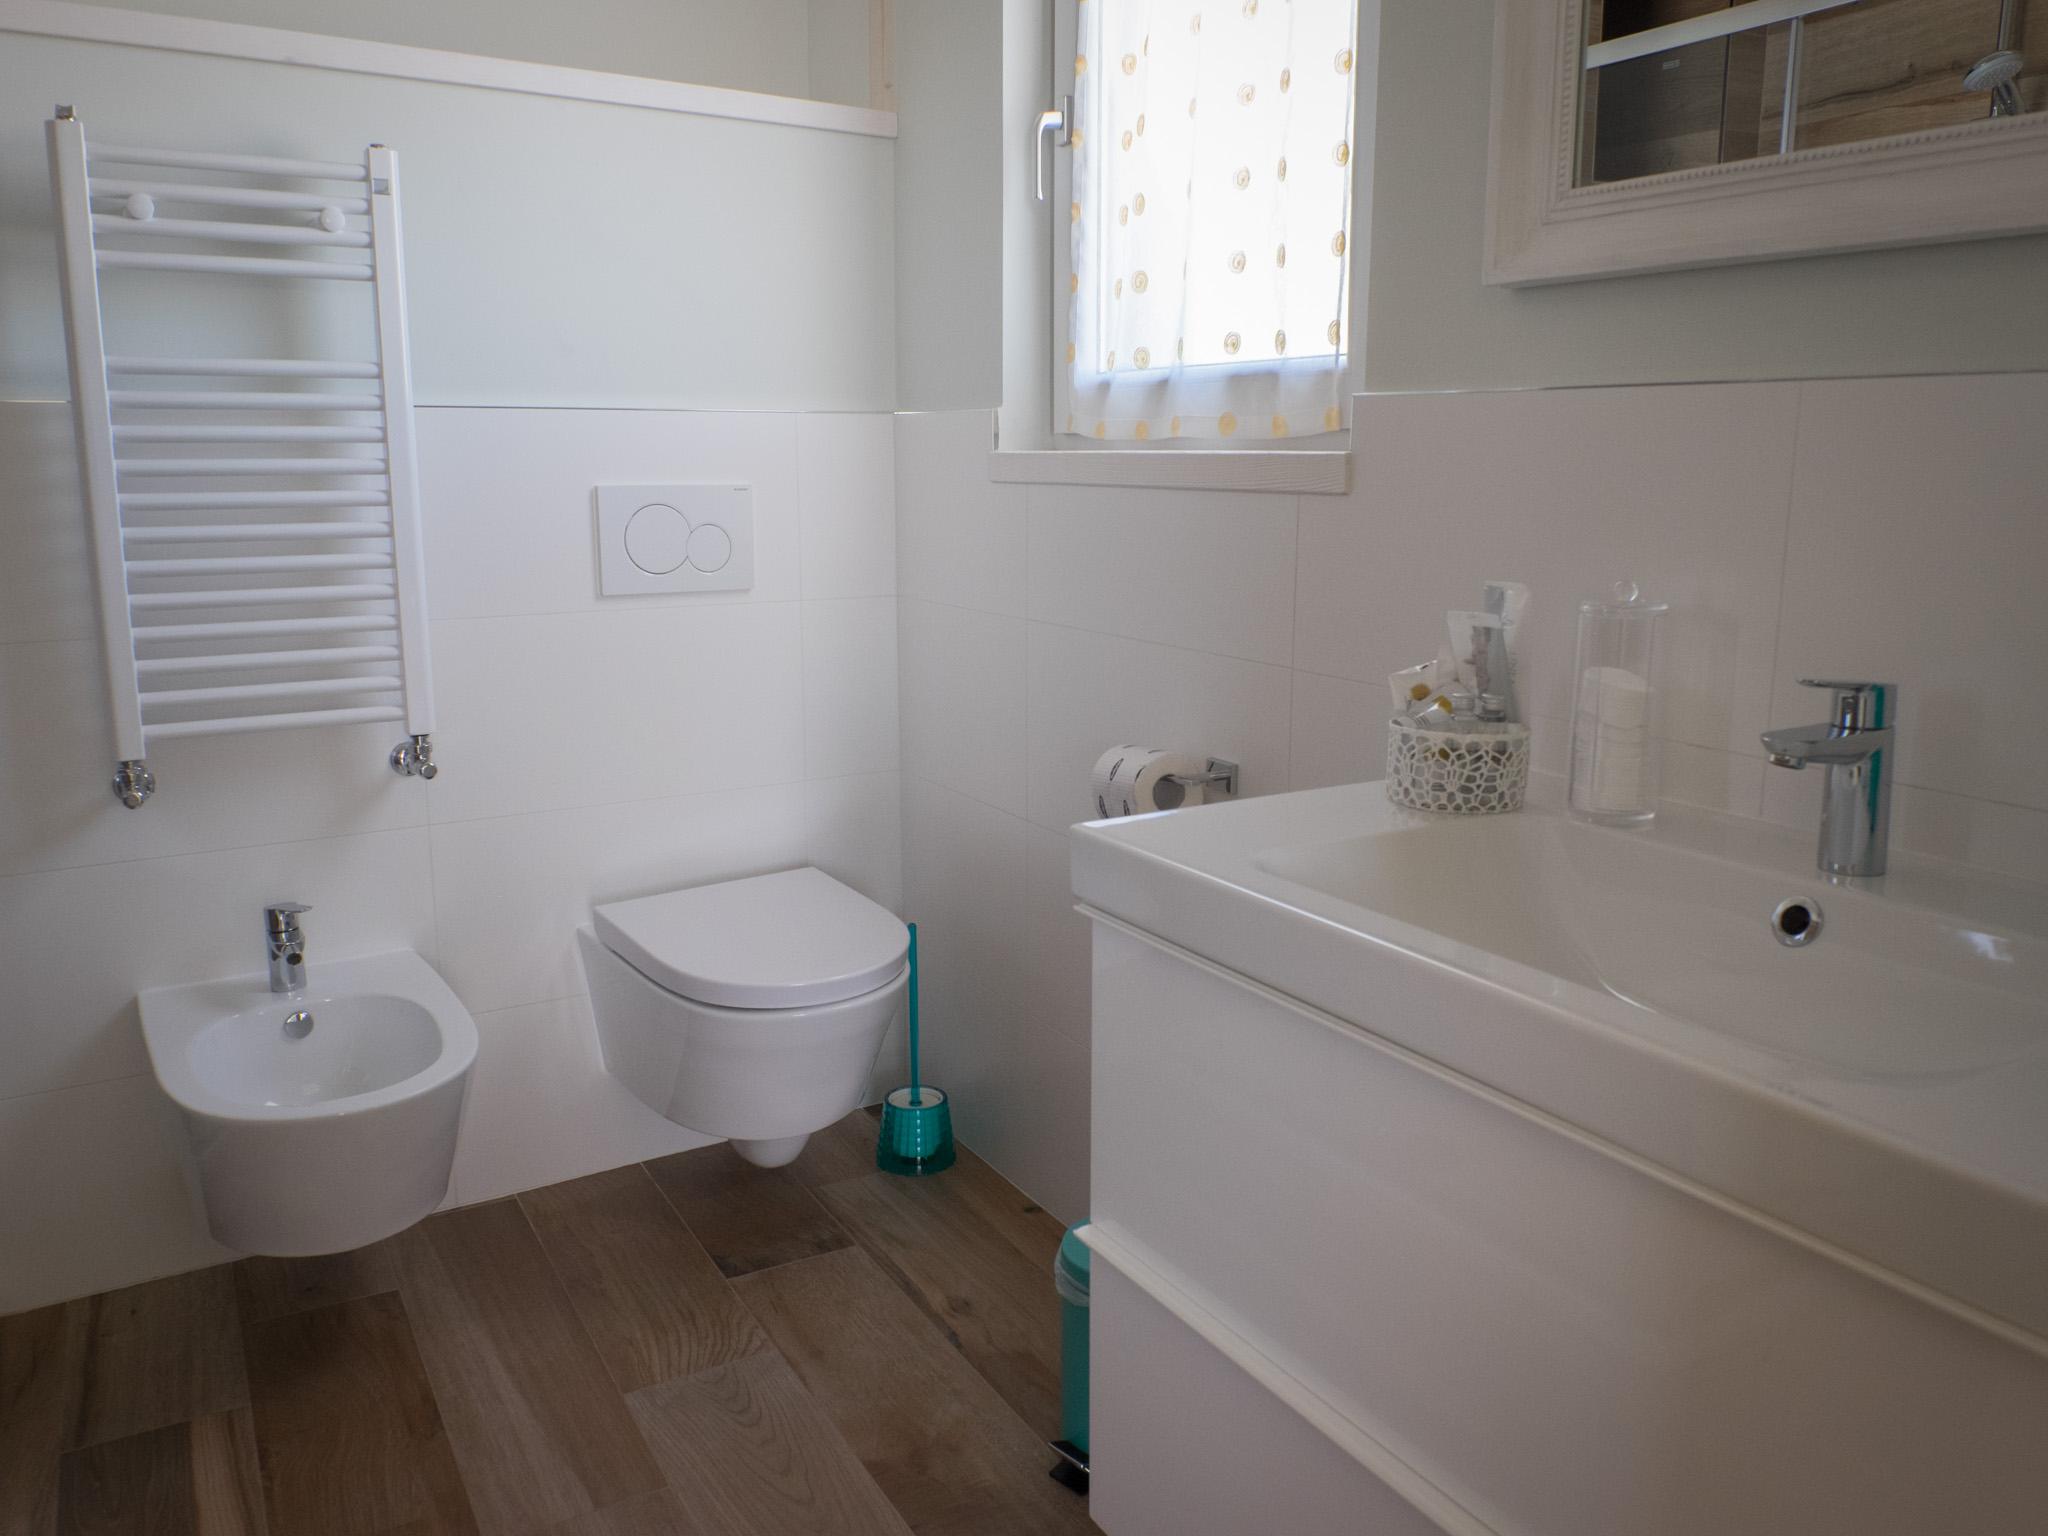 sanniti apartments la-casa-dei-nonni-casa-vacanze-bb-camere-dormire-sassi-di-matera-basilicata-19